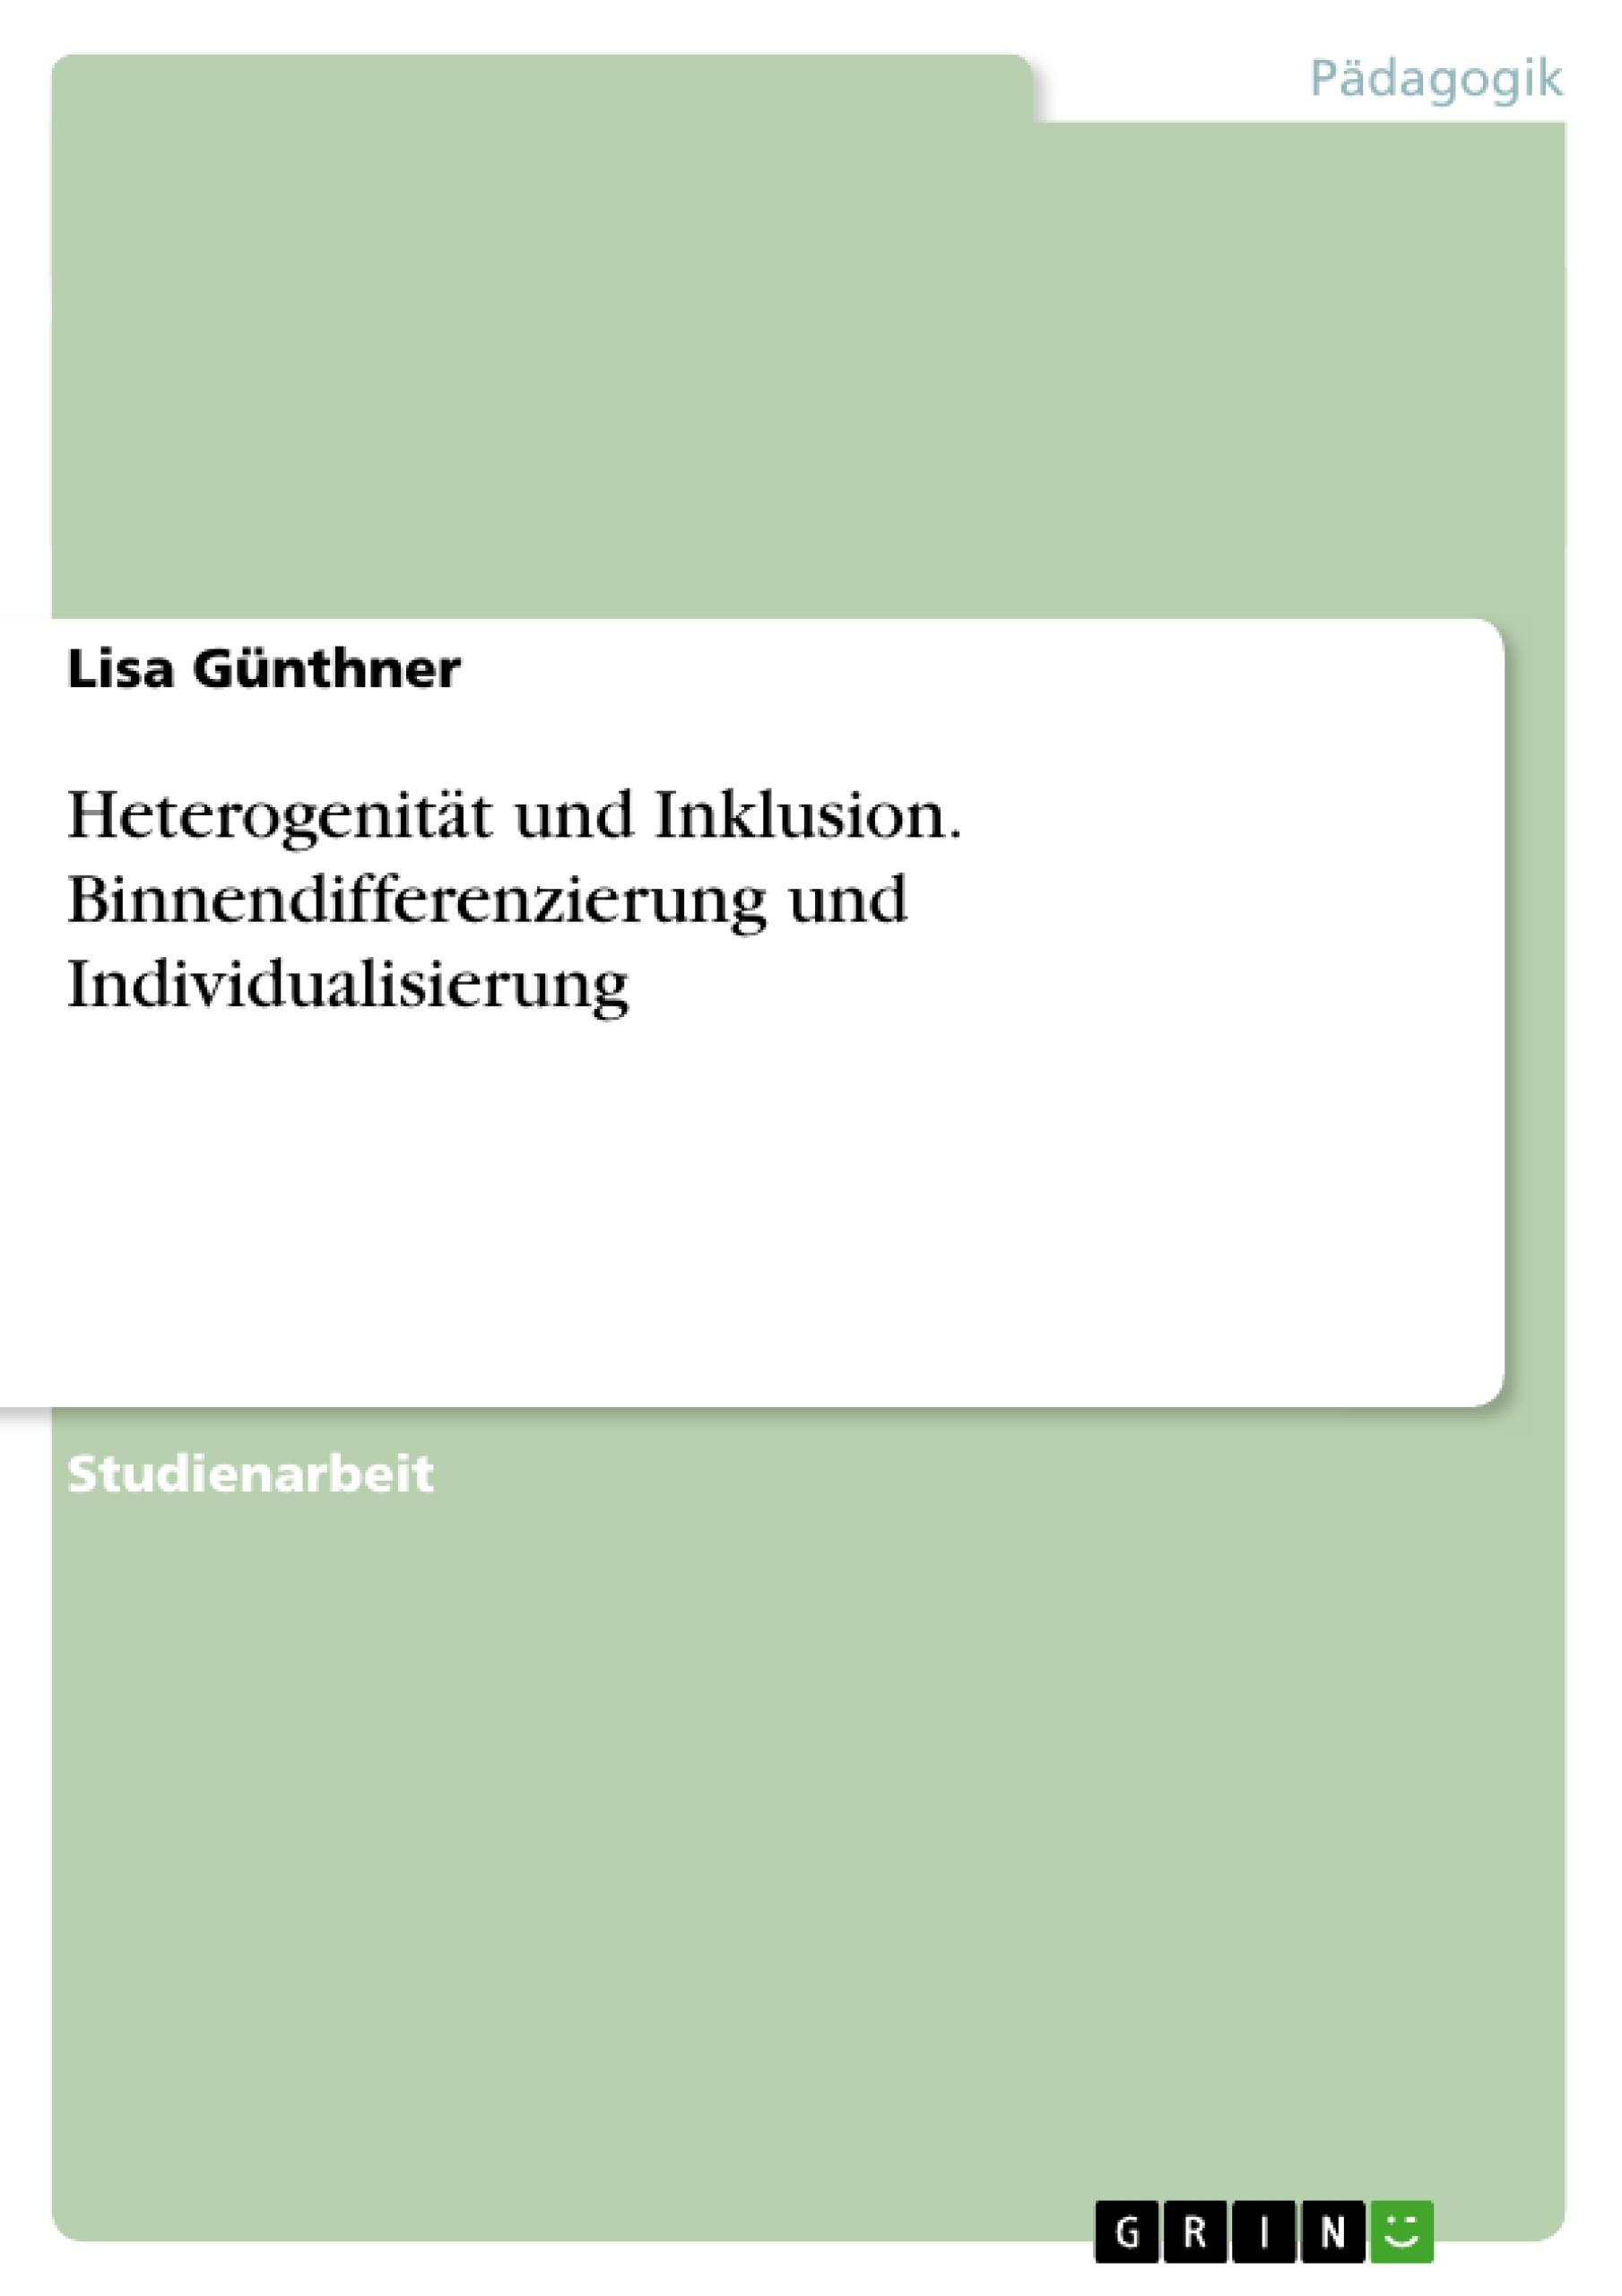 Titel: Heterogenität und Inklusion. Binnendifferenzierung und Individualisierung